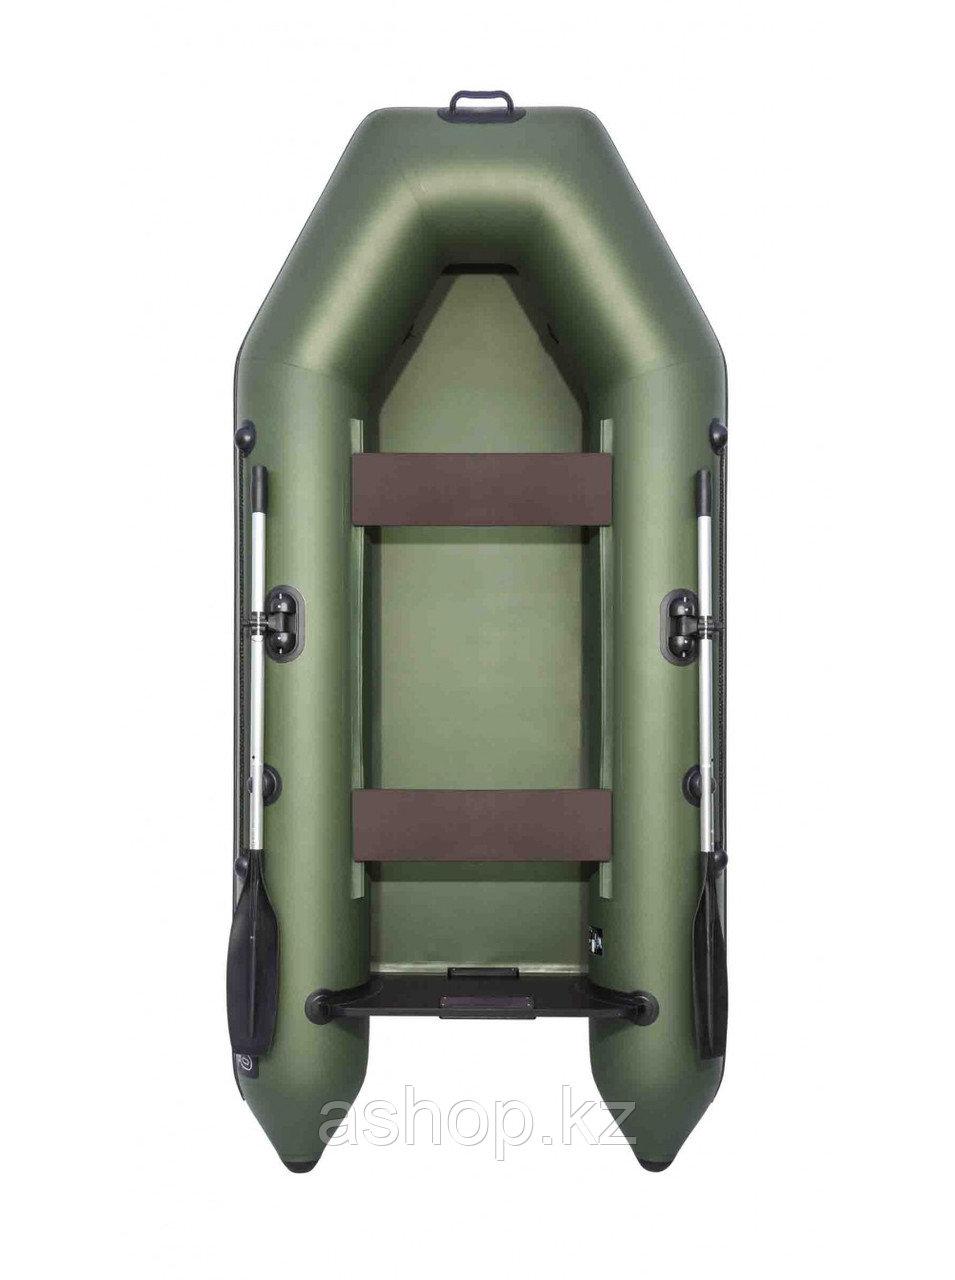 Лодка надувная моторно-гребная плоскодонная Аква 2800, Грузоподъемность: 220кг, Вместимость: 2 чел., Кол-во от